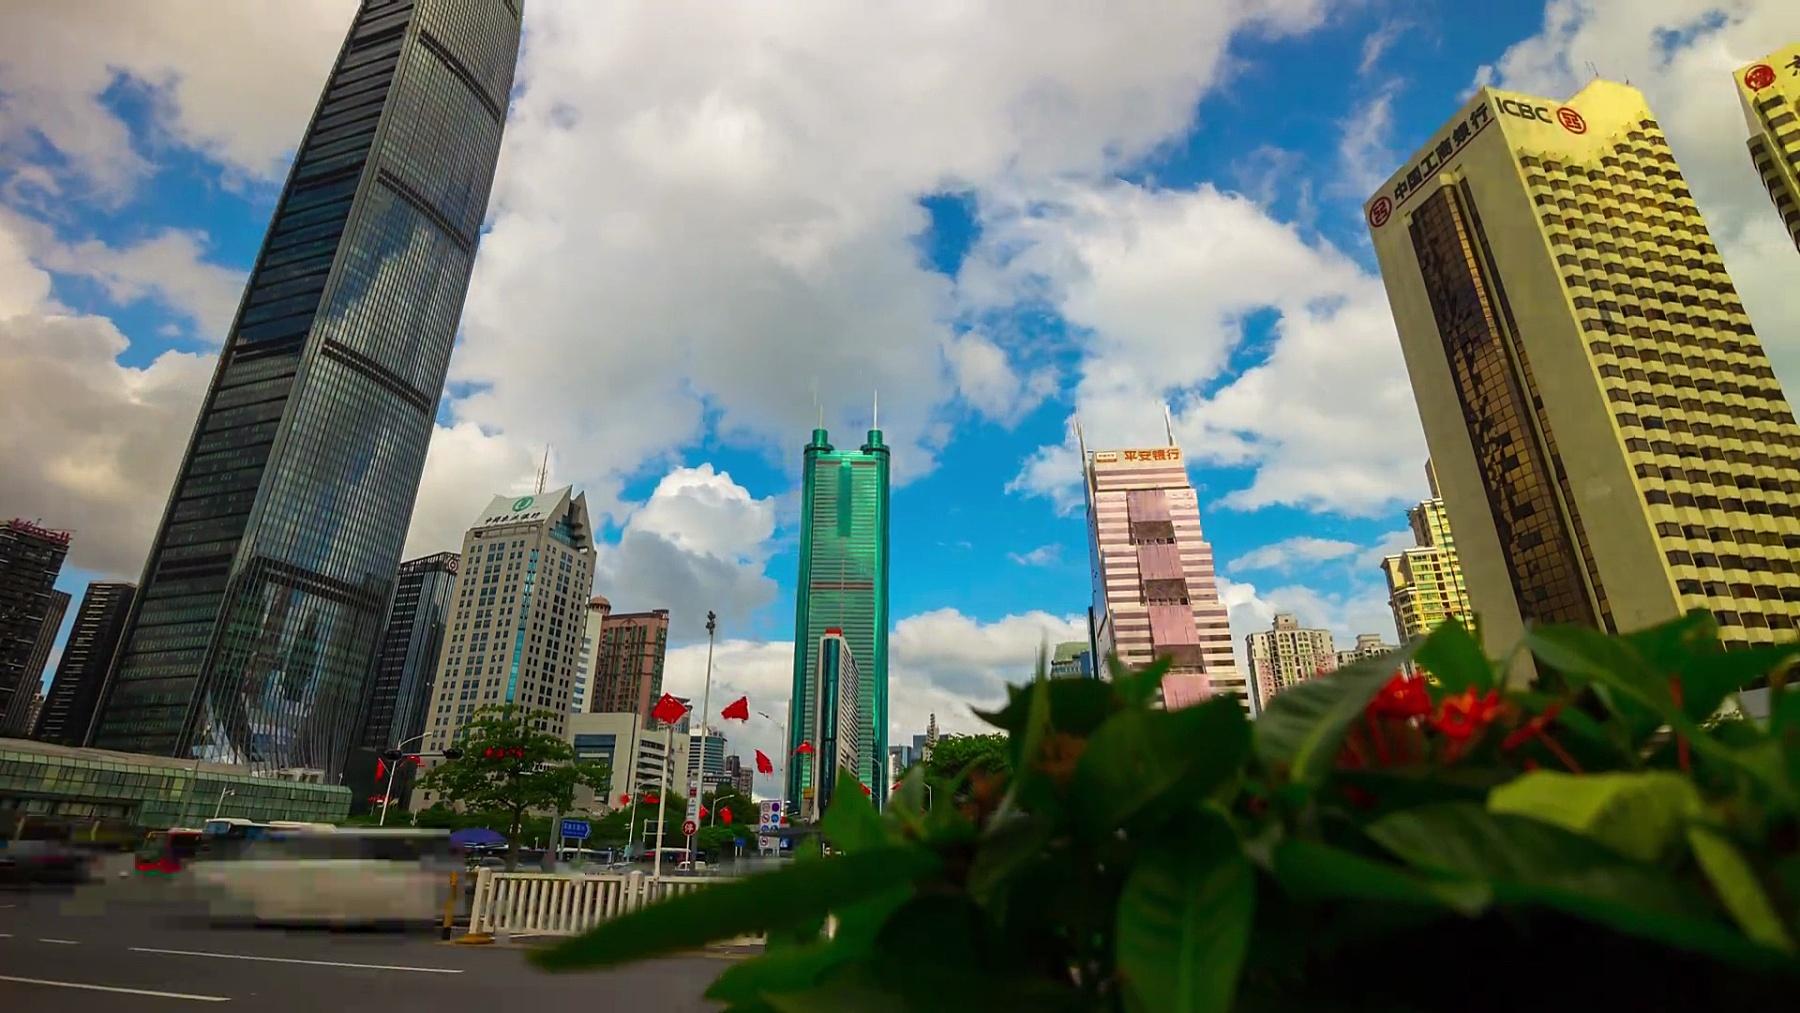 深圳市区KK100交通街景全景  timelapse China